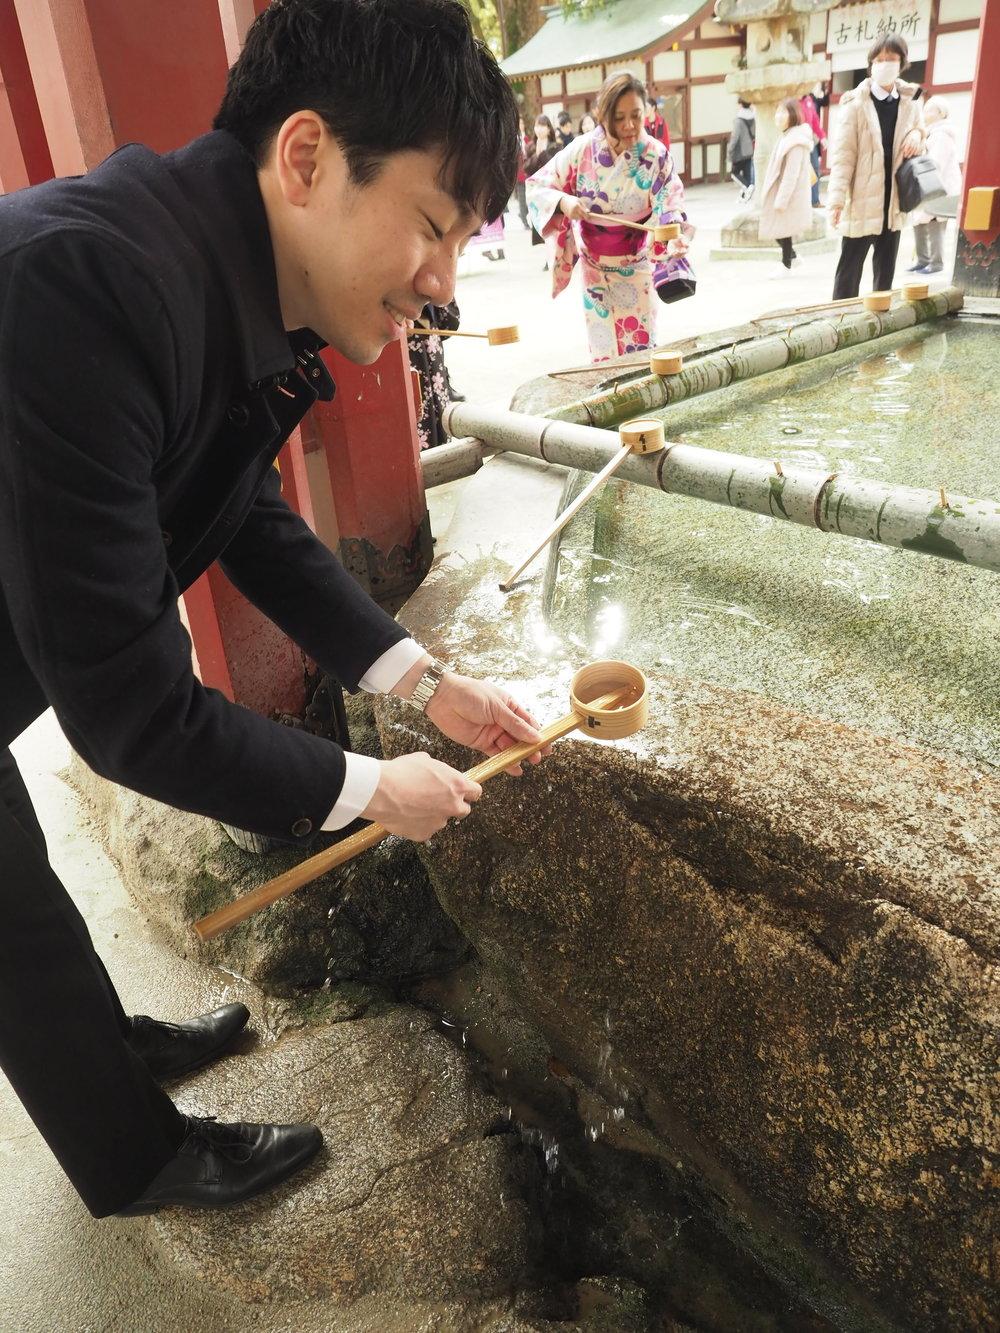 Chozuya at Dazaifu